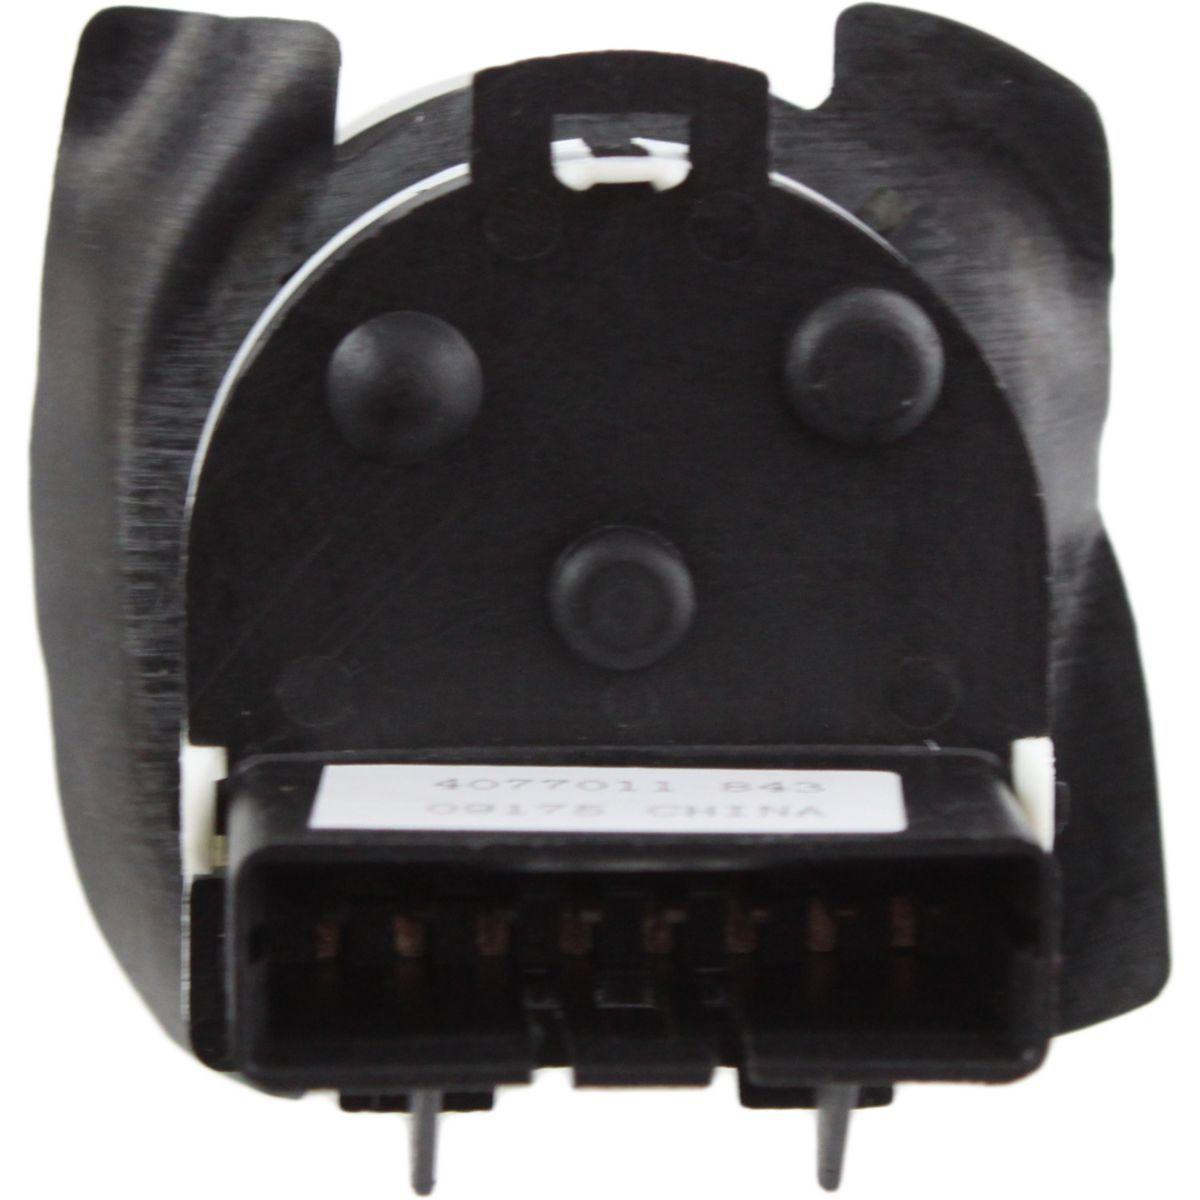 Comando Botao Interruptor Do Retrovisor Eletrico S10 Blazer 1995 a 2011 Original